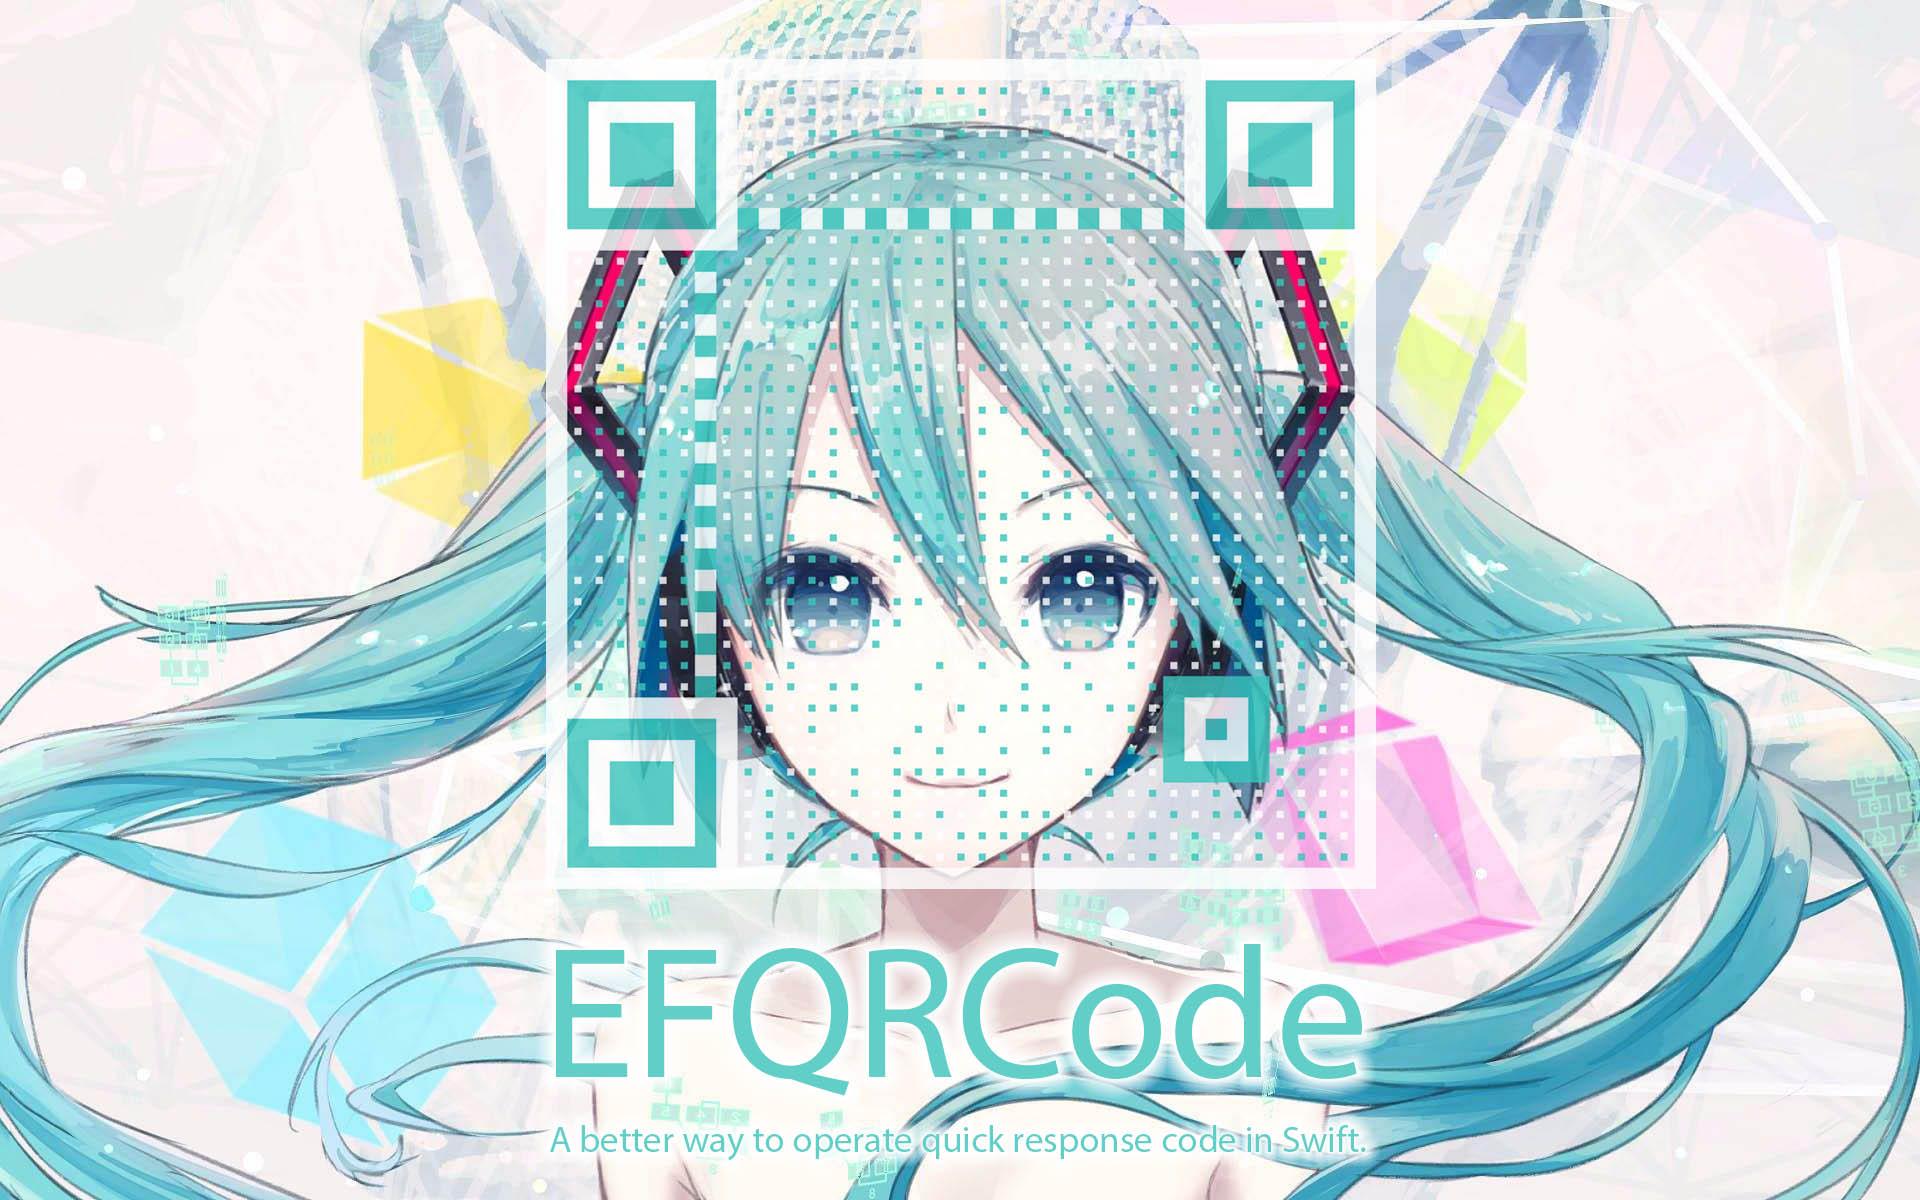 EFQRCode